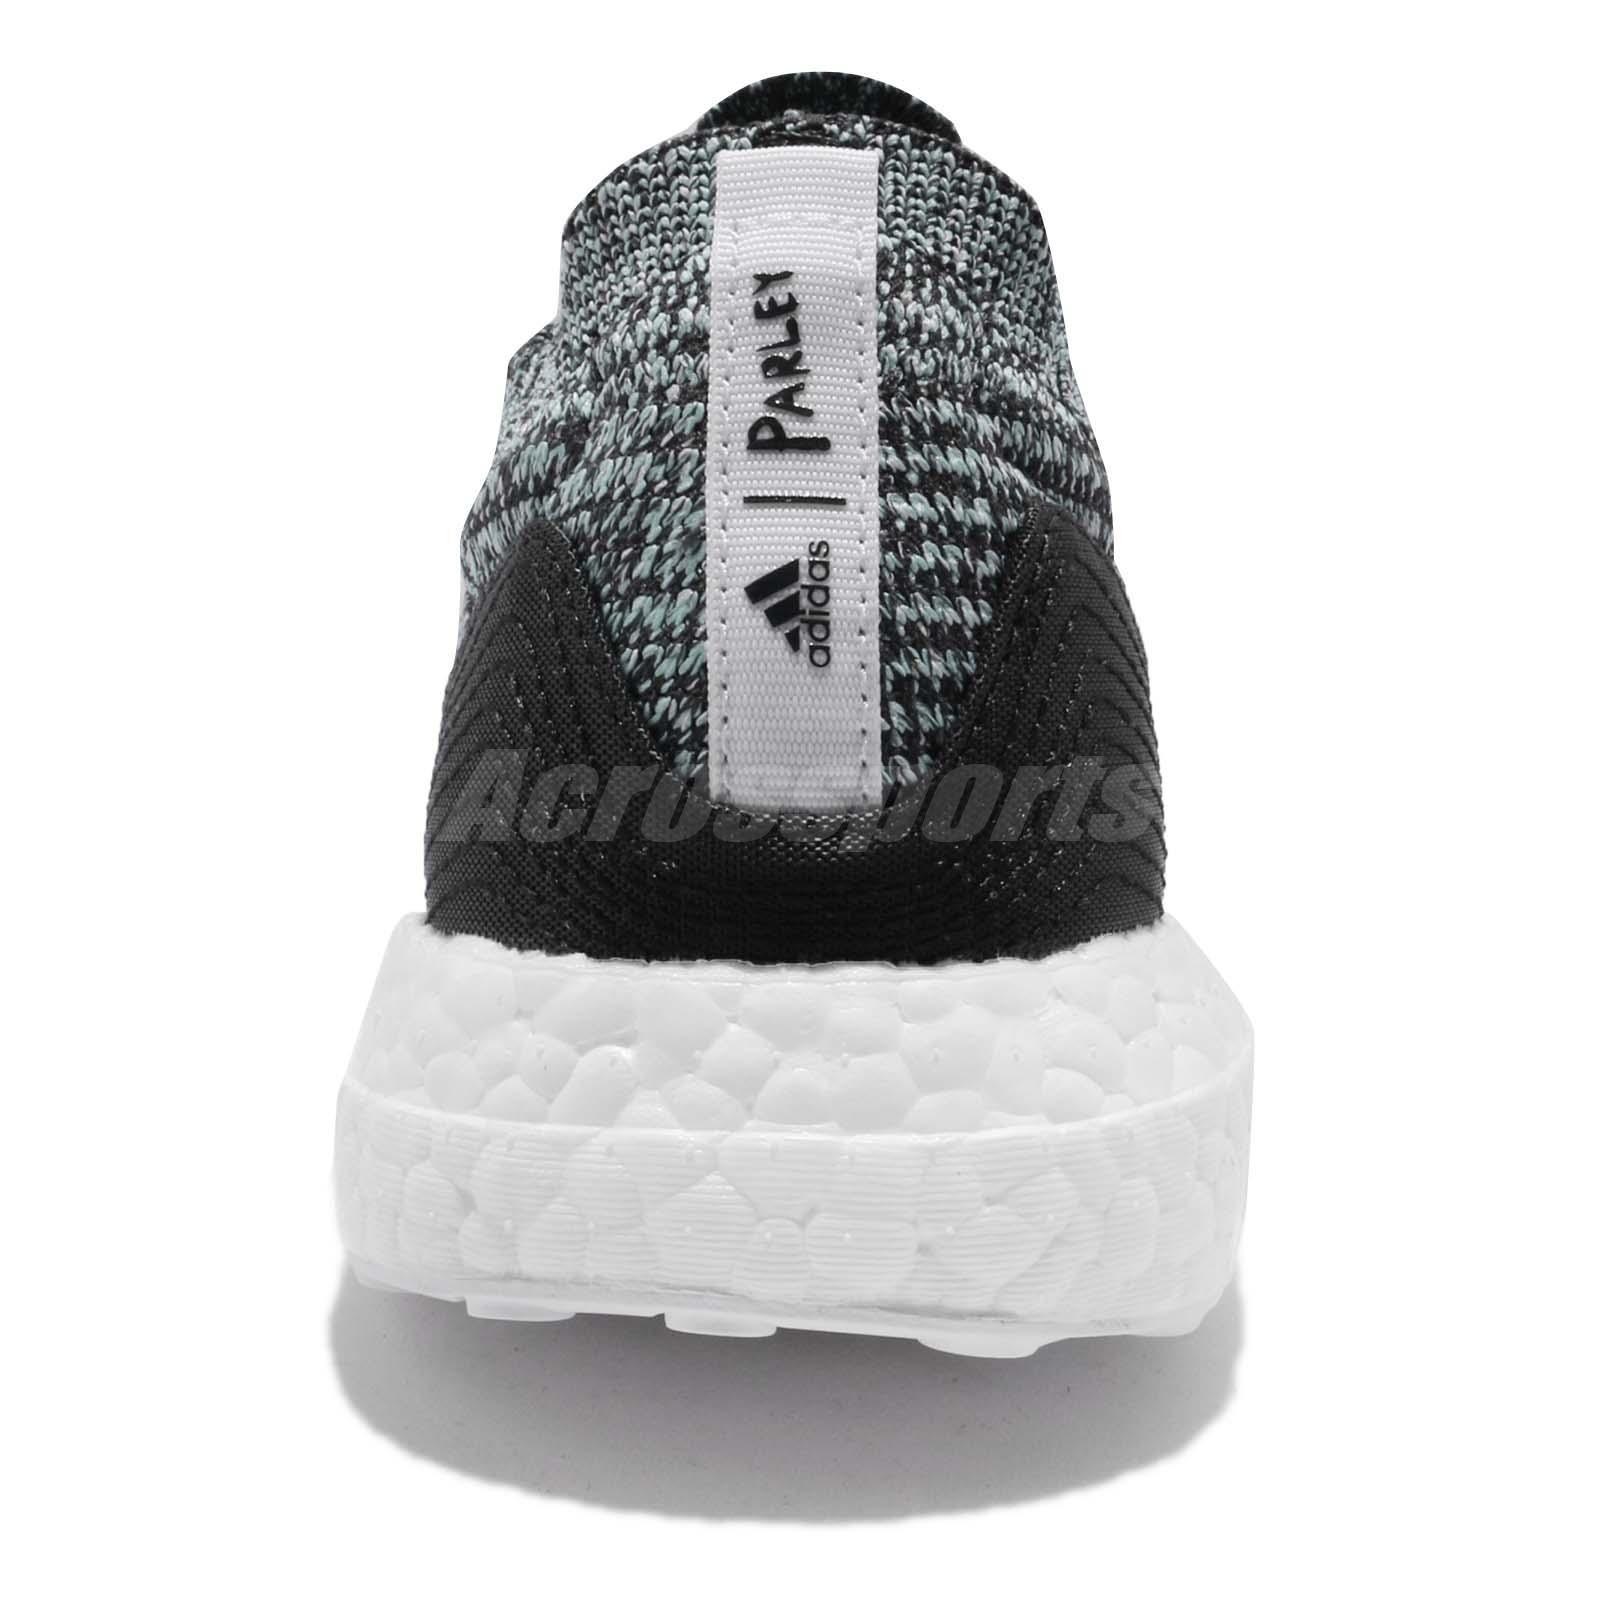 adidas UltraBOOST X Parley For The Oceans Blue Spirit Women Running ... 83571523b